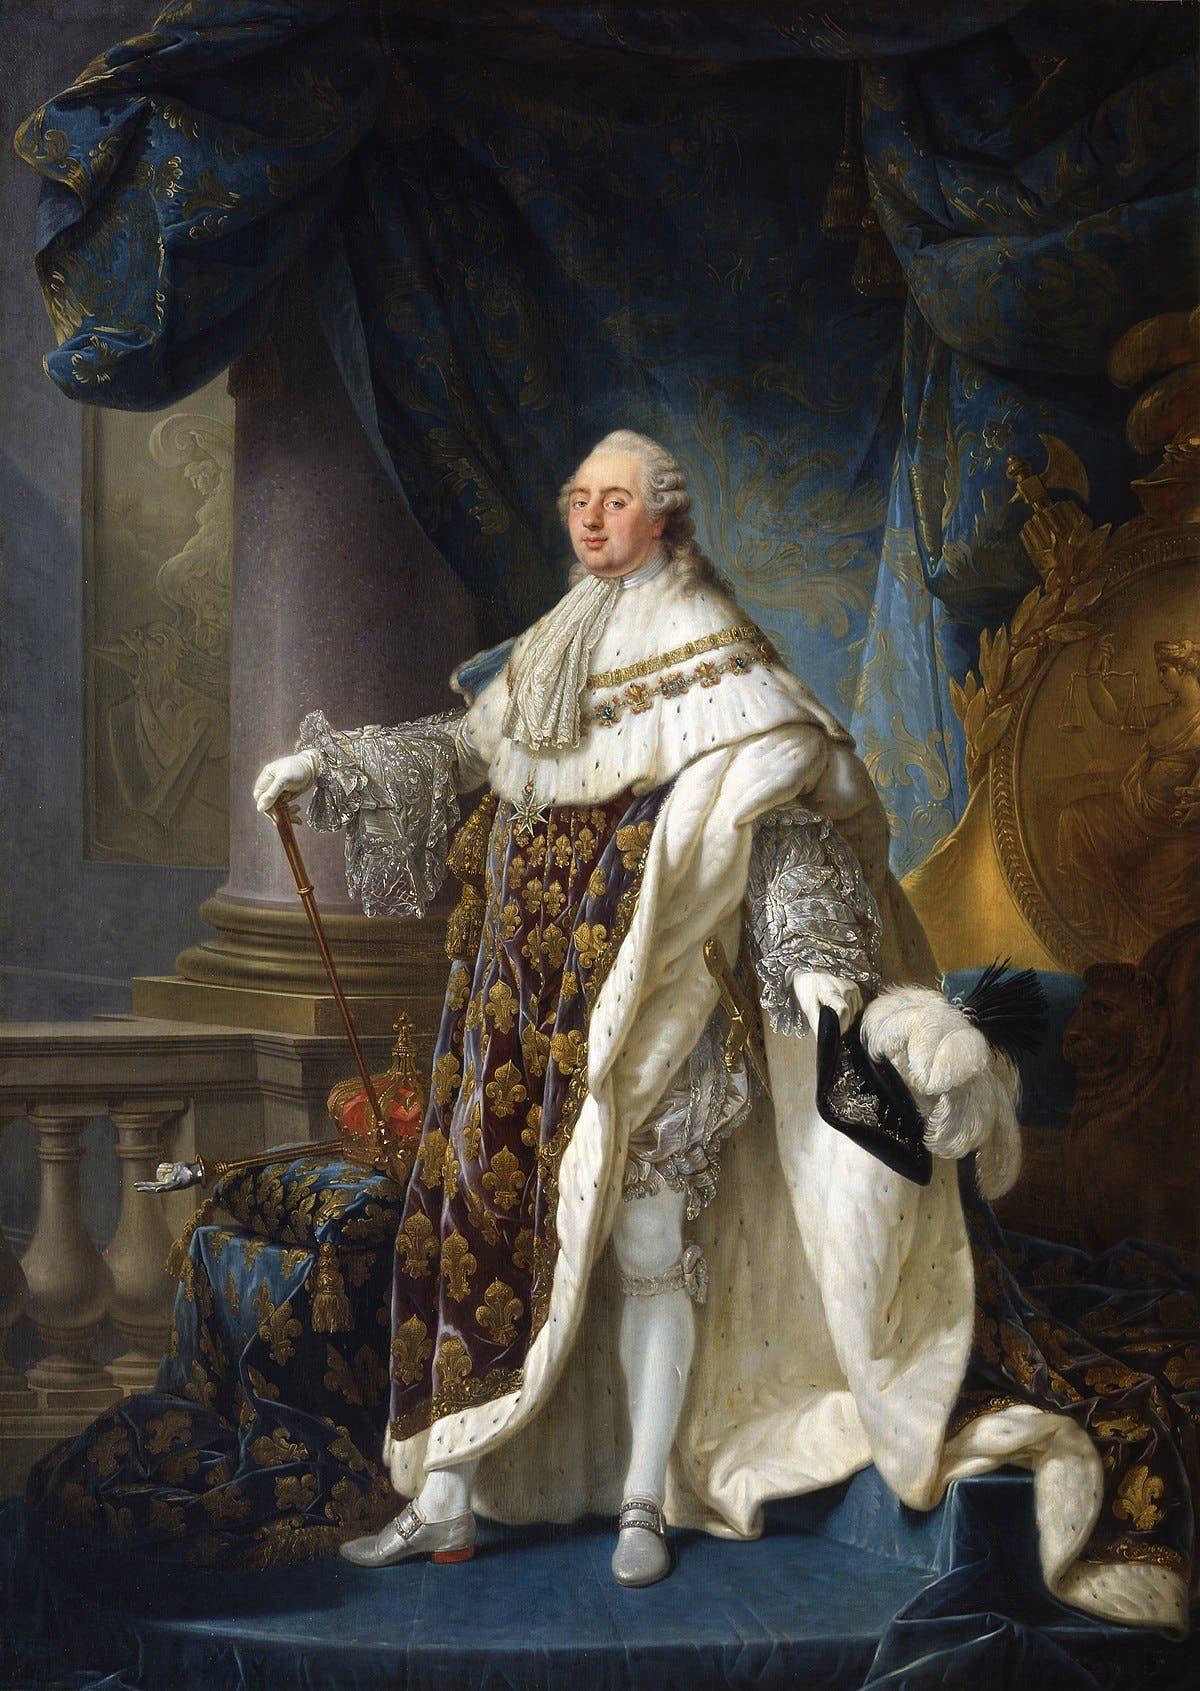 لوحة تجسد الملك الفرنسي لويس السادس عشر